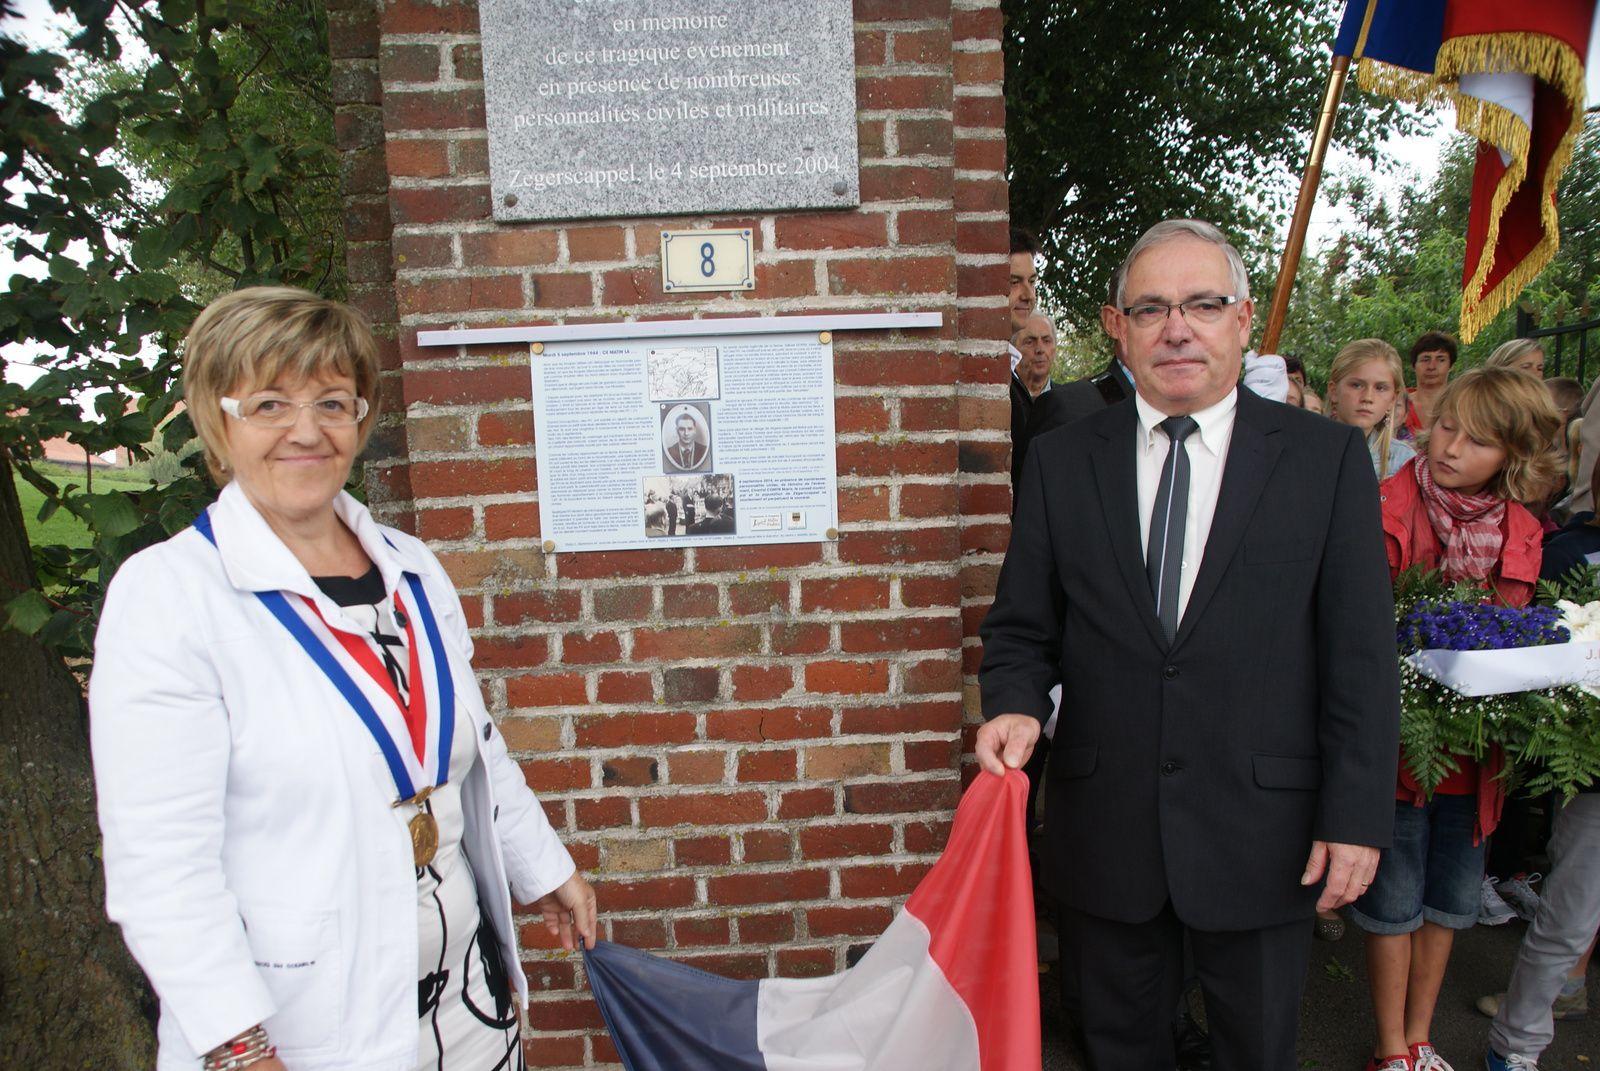 La CCHF a participé au financement de la plaque commémorative.